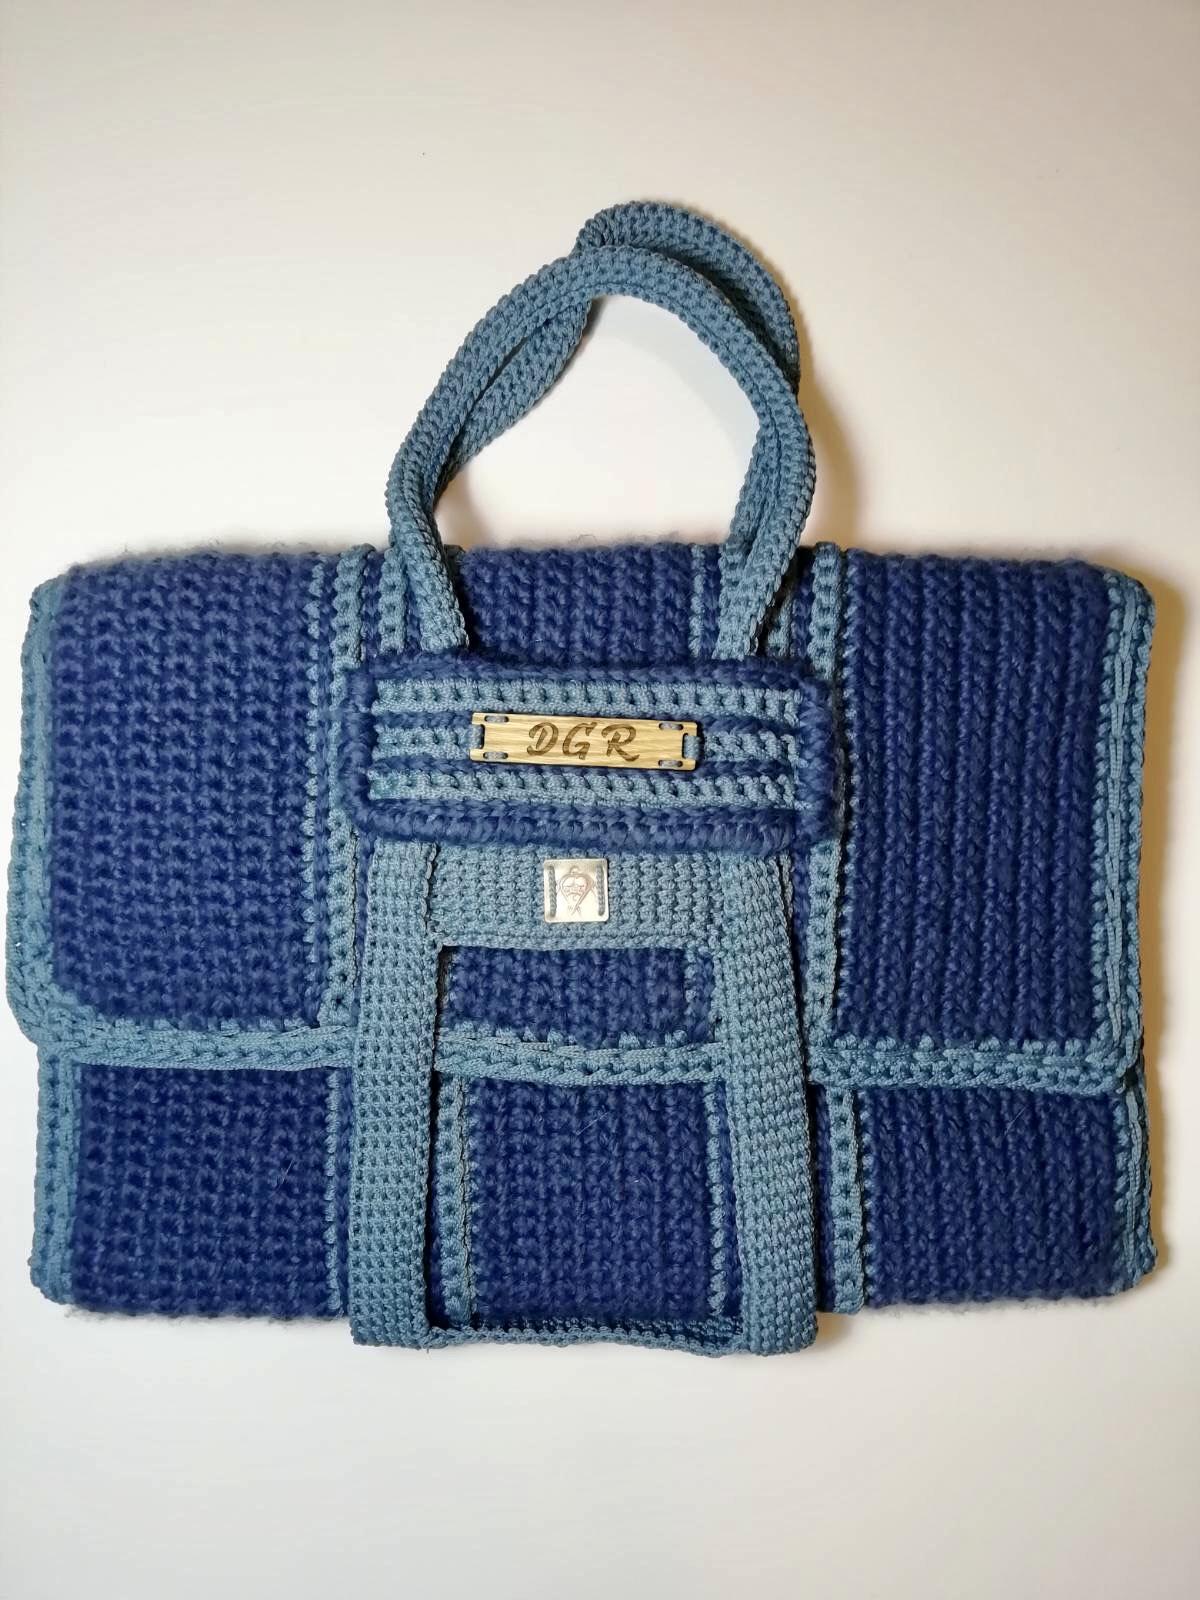 Crochet Bag in blue/steel blue